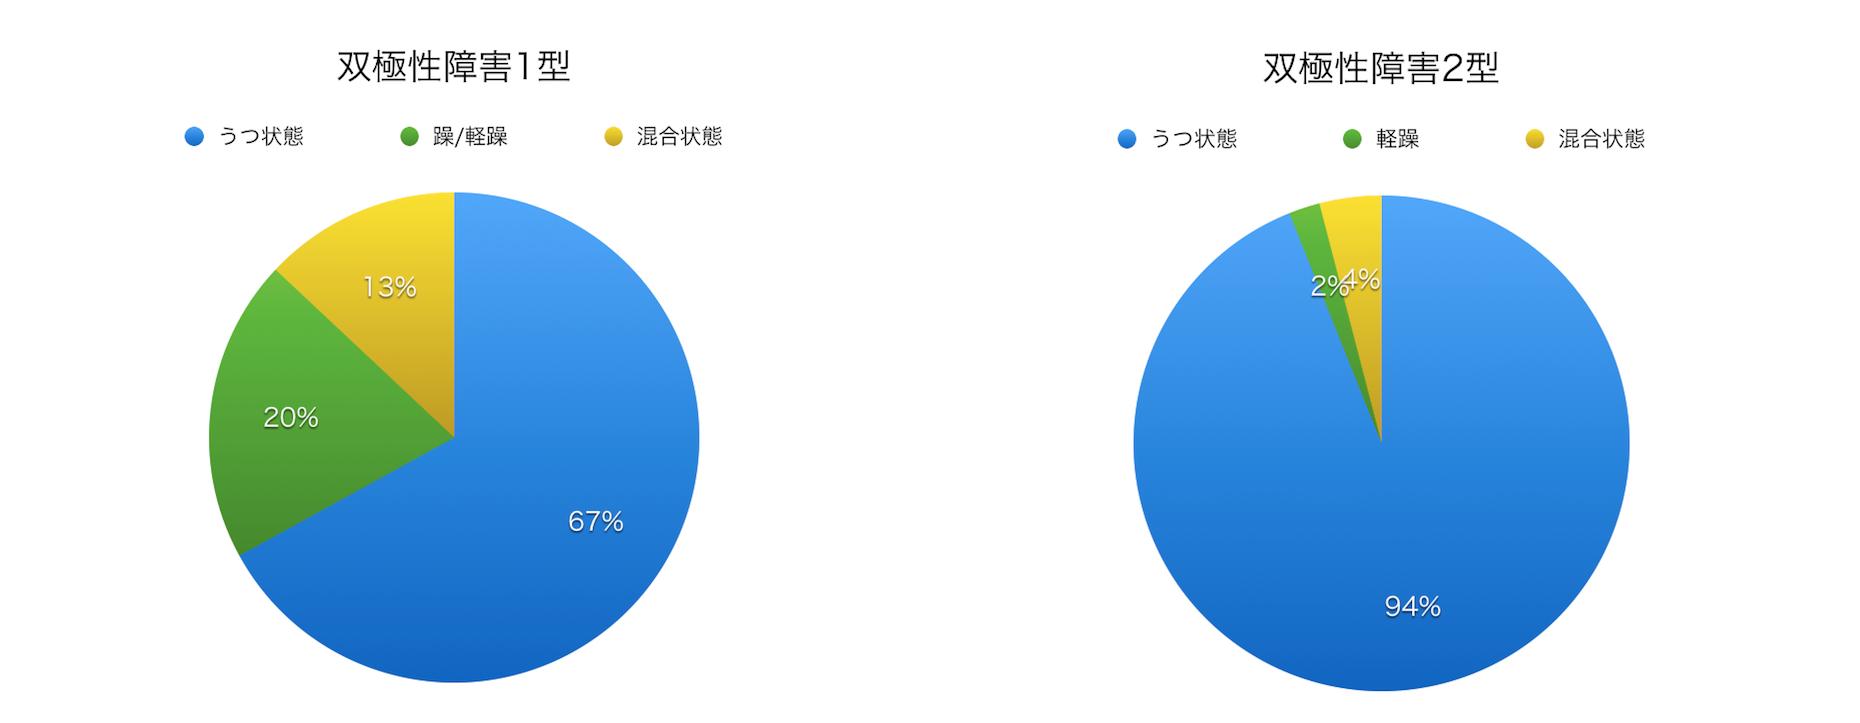 %e5%8f%8c%e6%a5%b5%e6%80%a7%e9%9a%9c%e5%ae%b3%ef%bc%91%e5%9e%8b%e3%81%a8%e5%8f%8c%e6%a5%b5%e6%80%a7%e9%9a%9c%e5%ae%b3%ef%bc%92%e5%9e%8b%e3%81%ae%e9%81%95%e3%81%84%e3%82%b0%e3%83%a9%e3%83%95